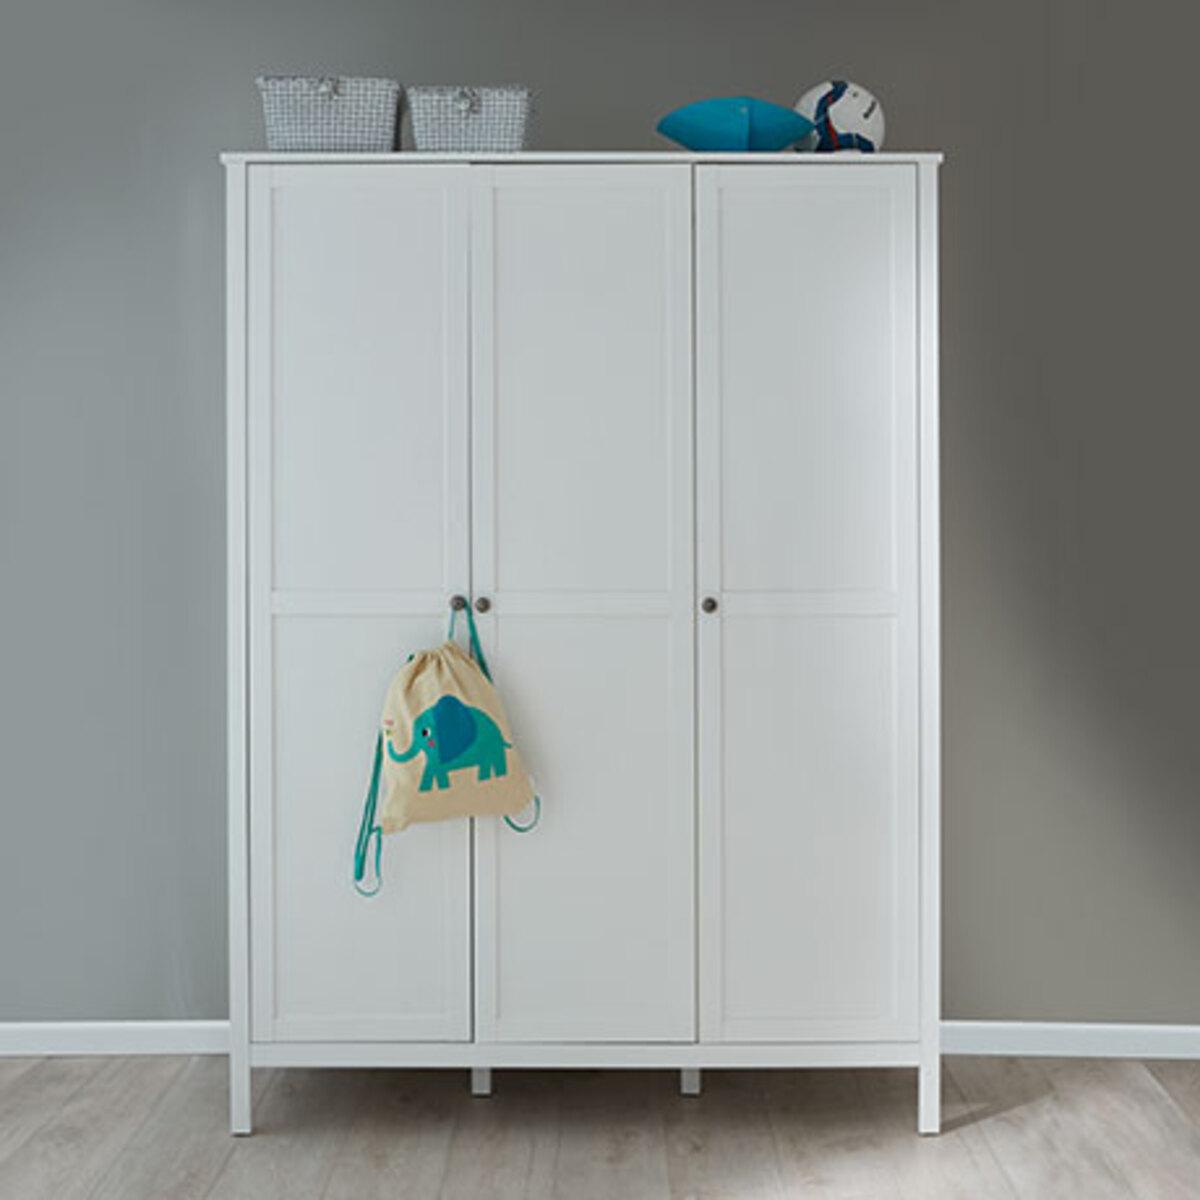 Bild 1 von Jugendzimmer-Kleiderschrank Ole1